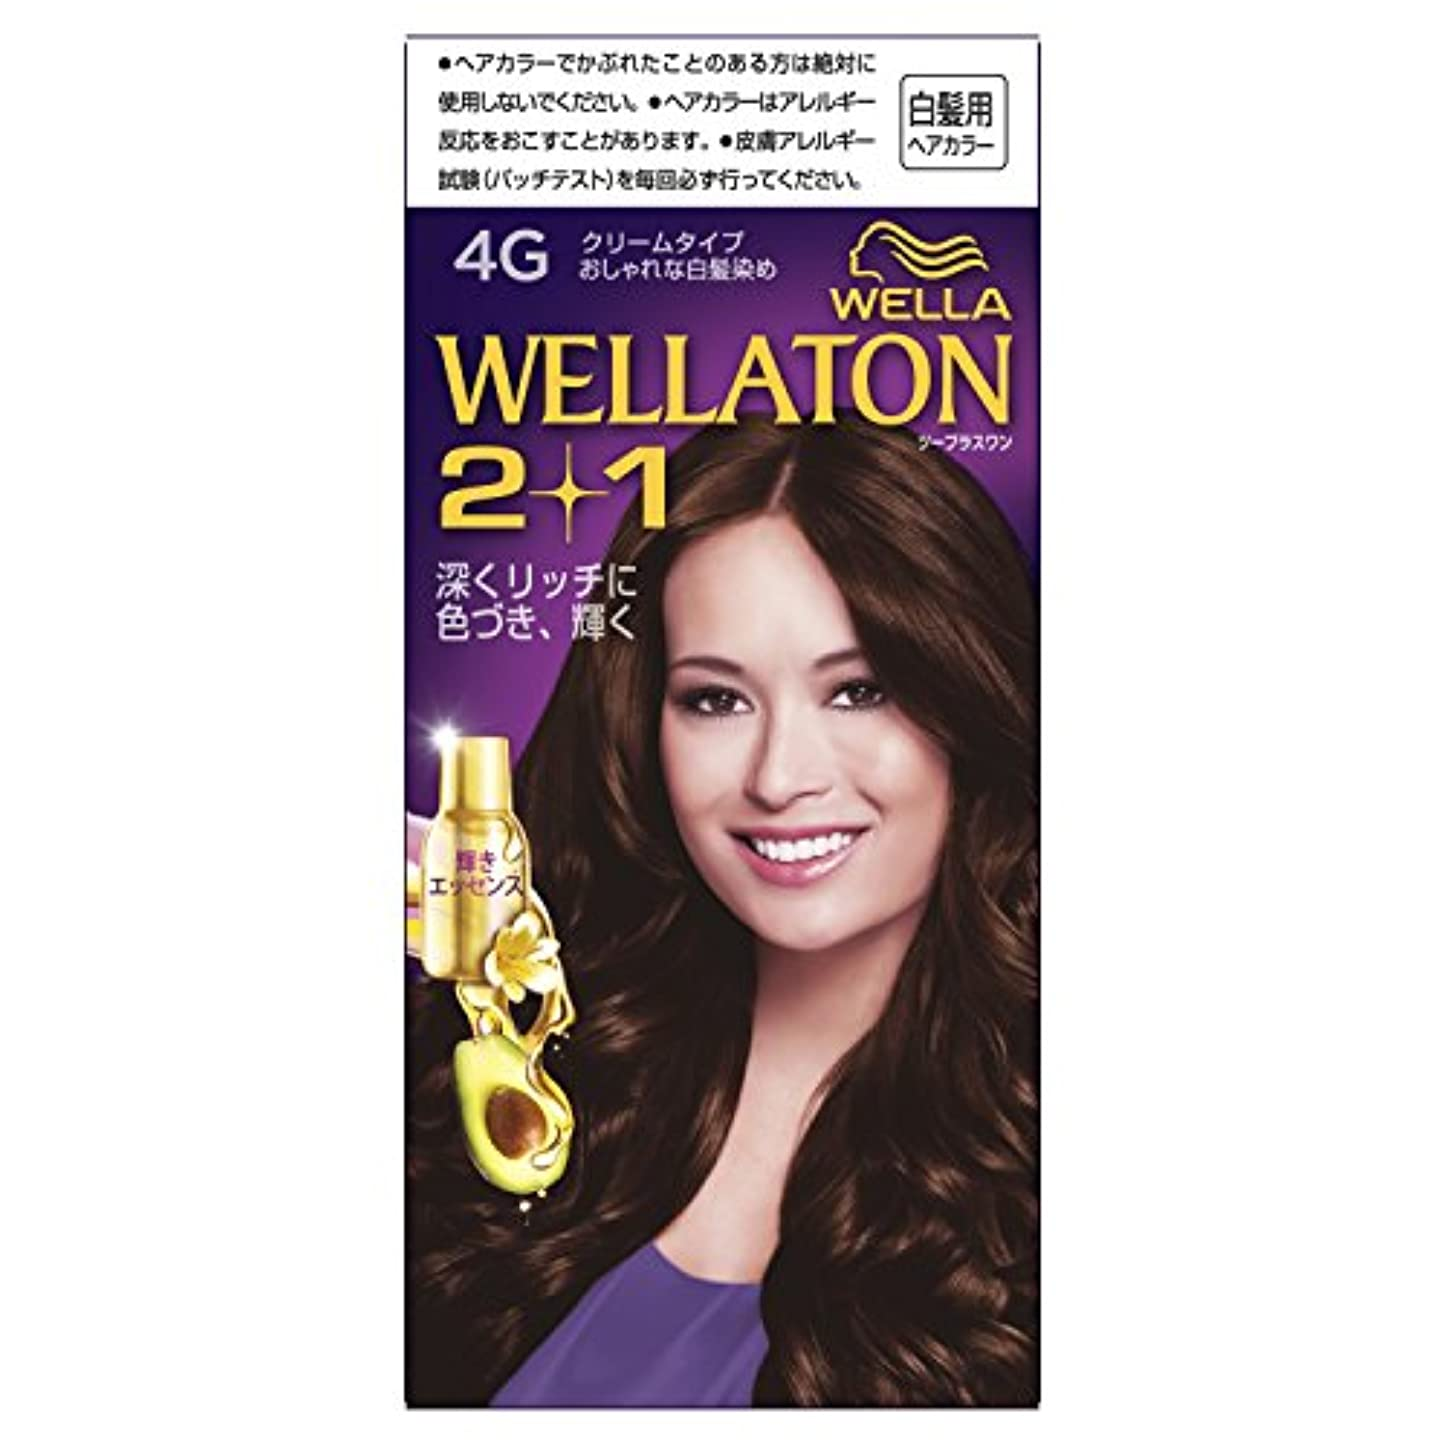 音節改善する最近ウエラトーン2+1 クリームタイプ 4G[医薬部外品](おしゃれな白髪染め)